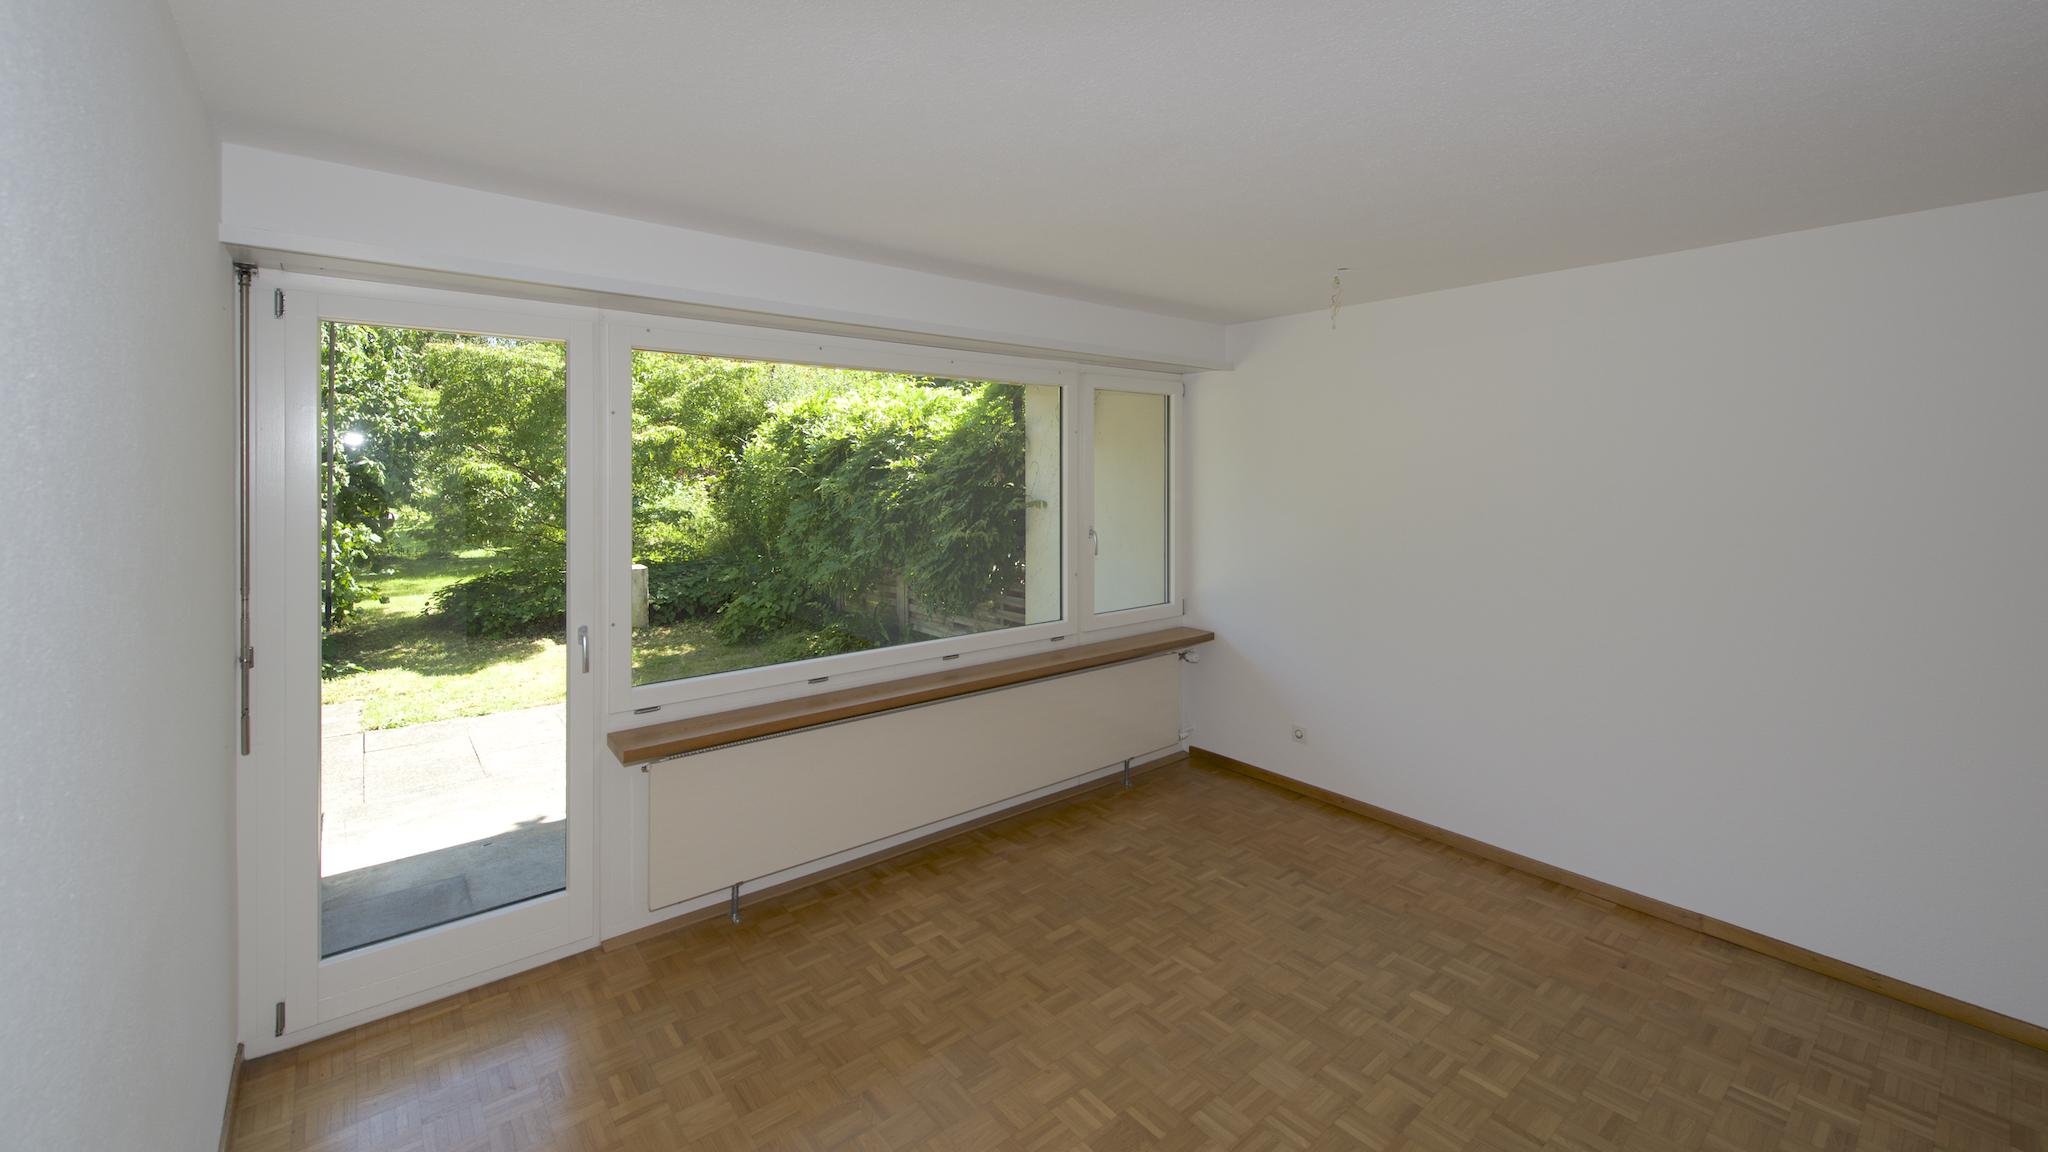 Wohnzimmer mit dem Ausgang auf den Sitzplatz